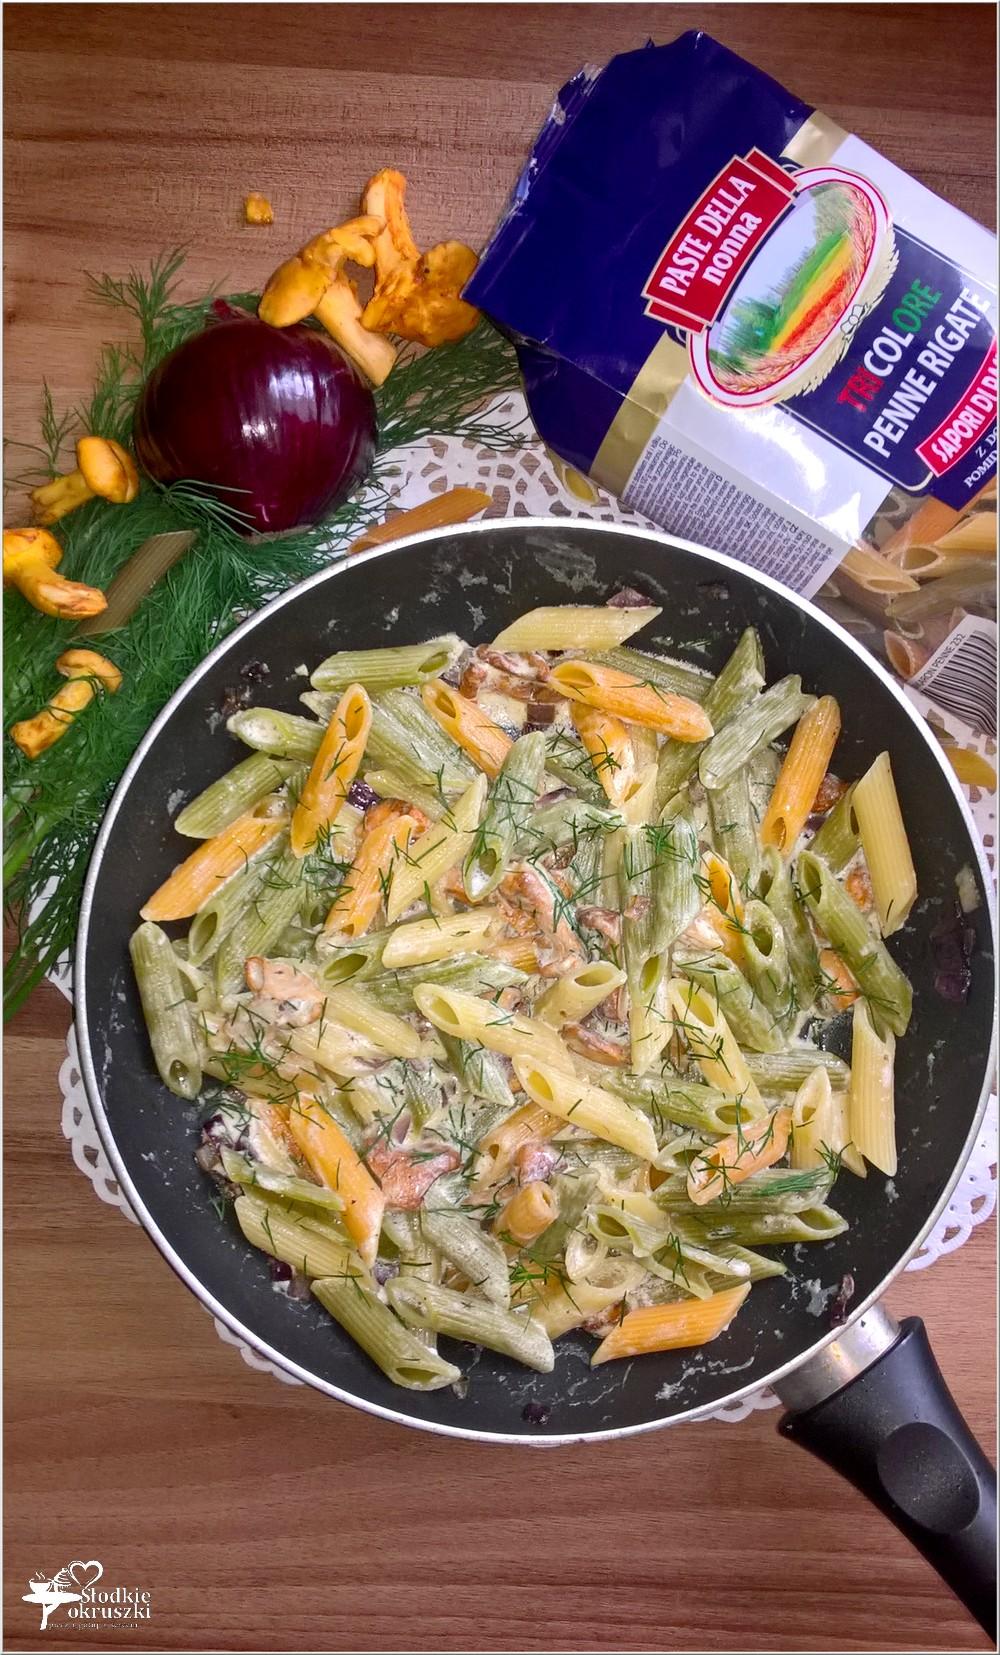 Trójkolorowy makaron z kurkami w sosie śmietanowym (2)